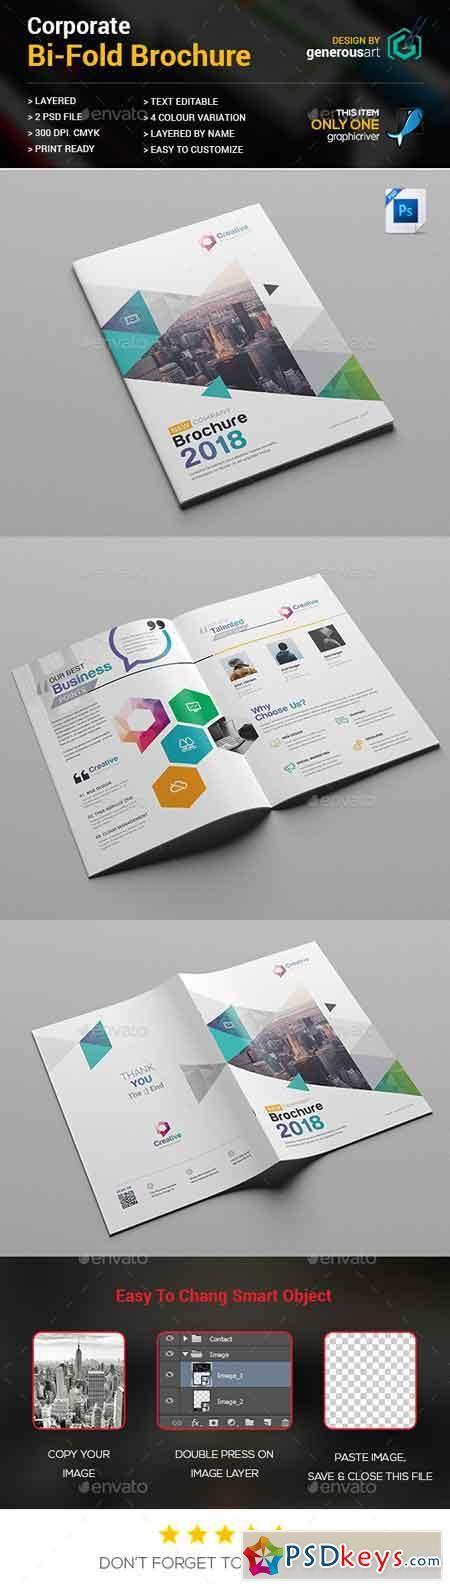 The 25+ best Bi fold brochure ideas on Pinterest Tri fold - bi fold brochure template word